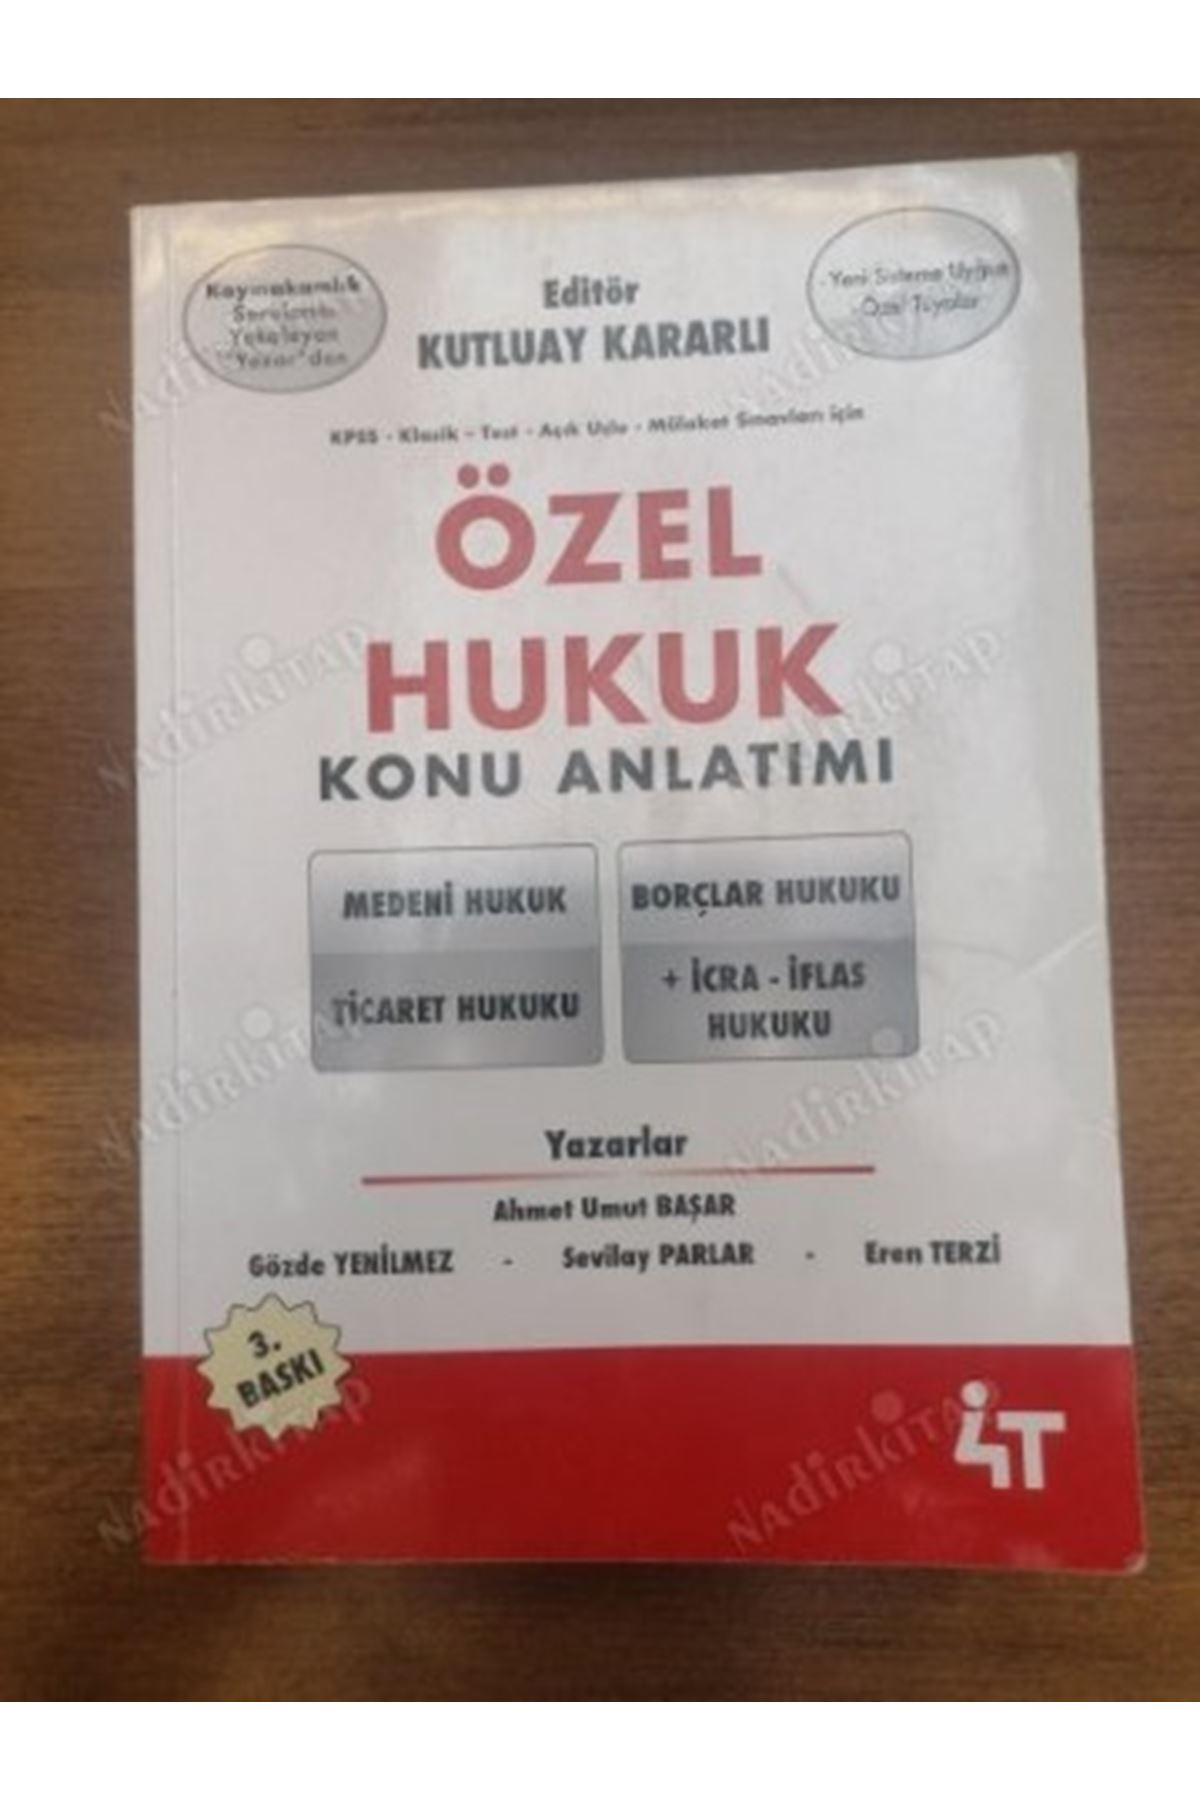 KUTLUAY KARARLI - ÖZEL HUKUK KONU ANLATIMLI